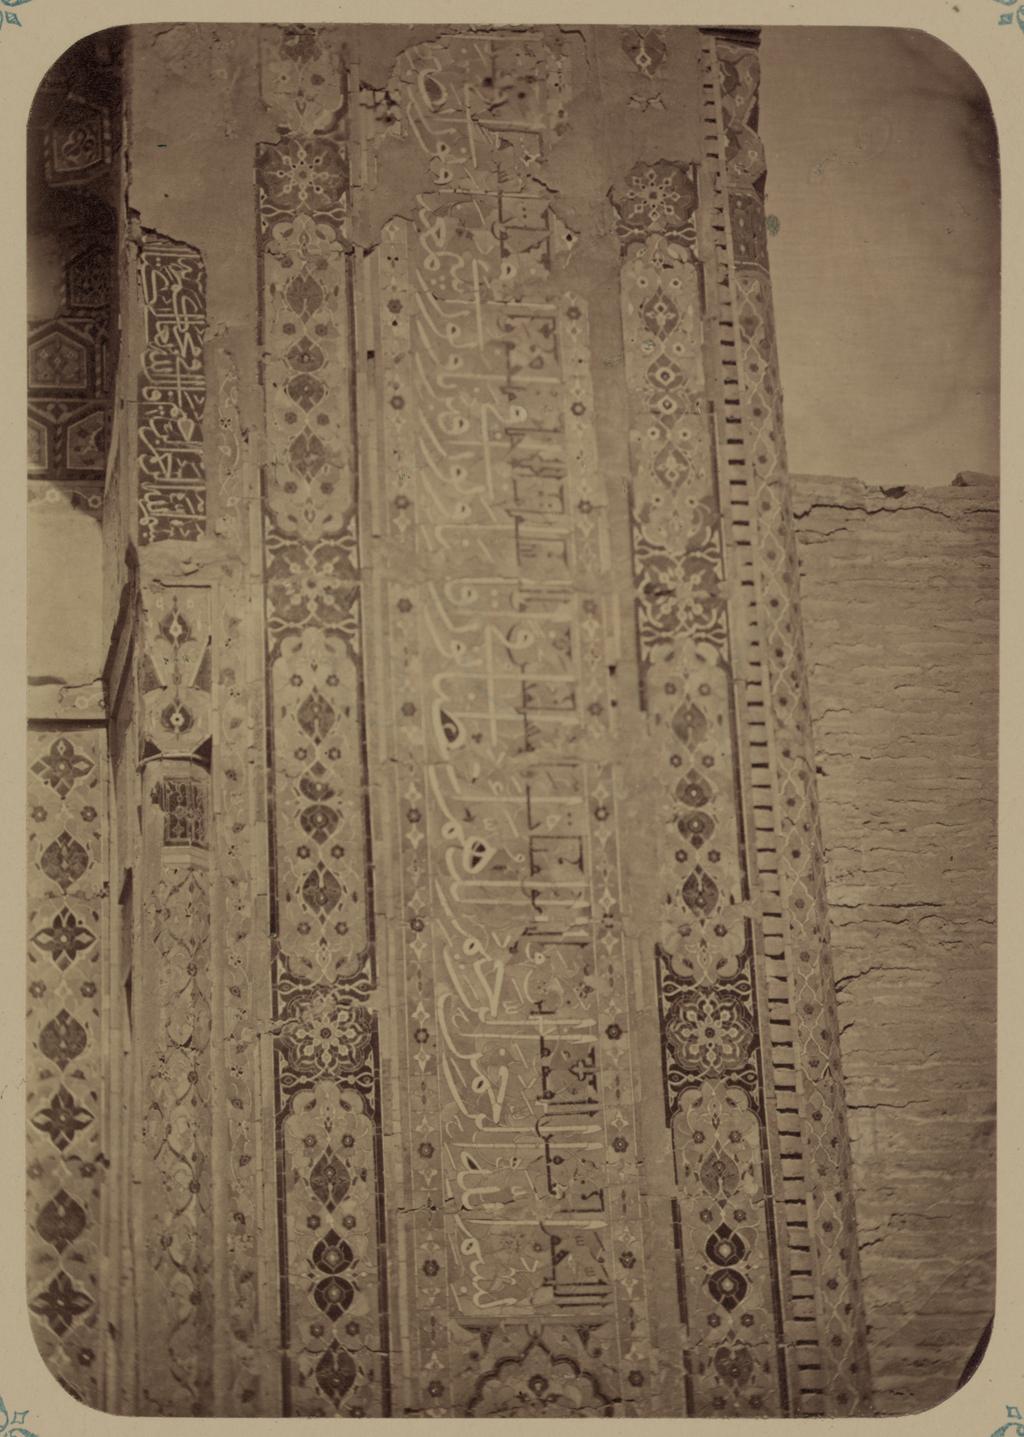 Мавзолей Айнэ-Ханэ (эмира Муссы). Надписи с правой стороны переднего фасада